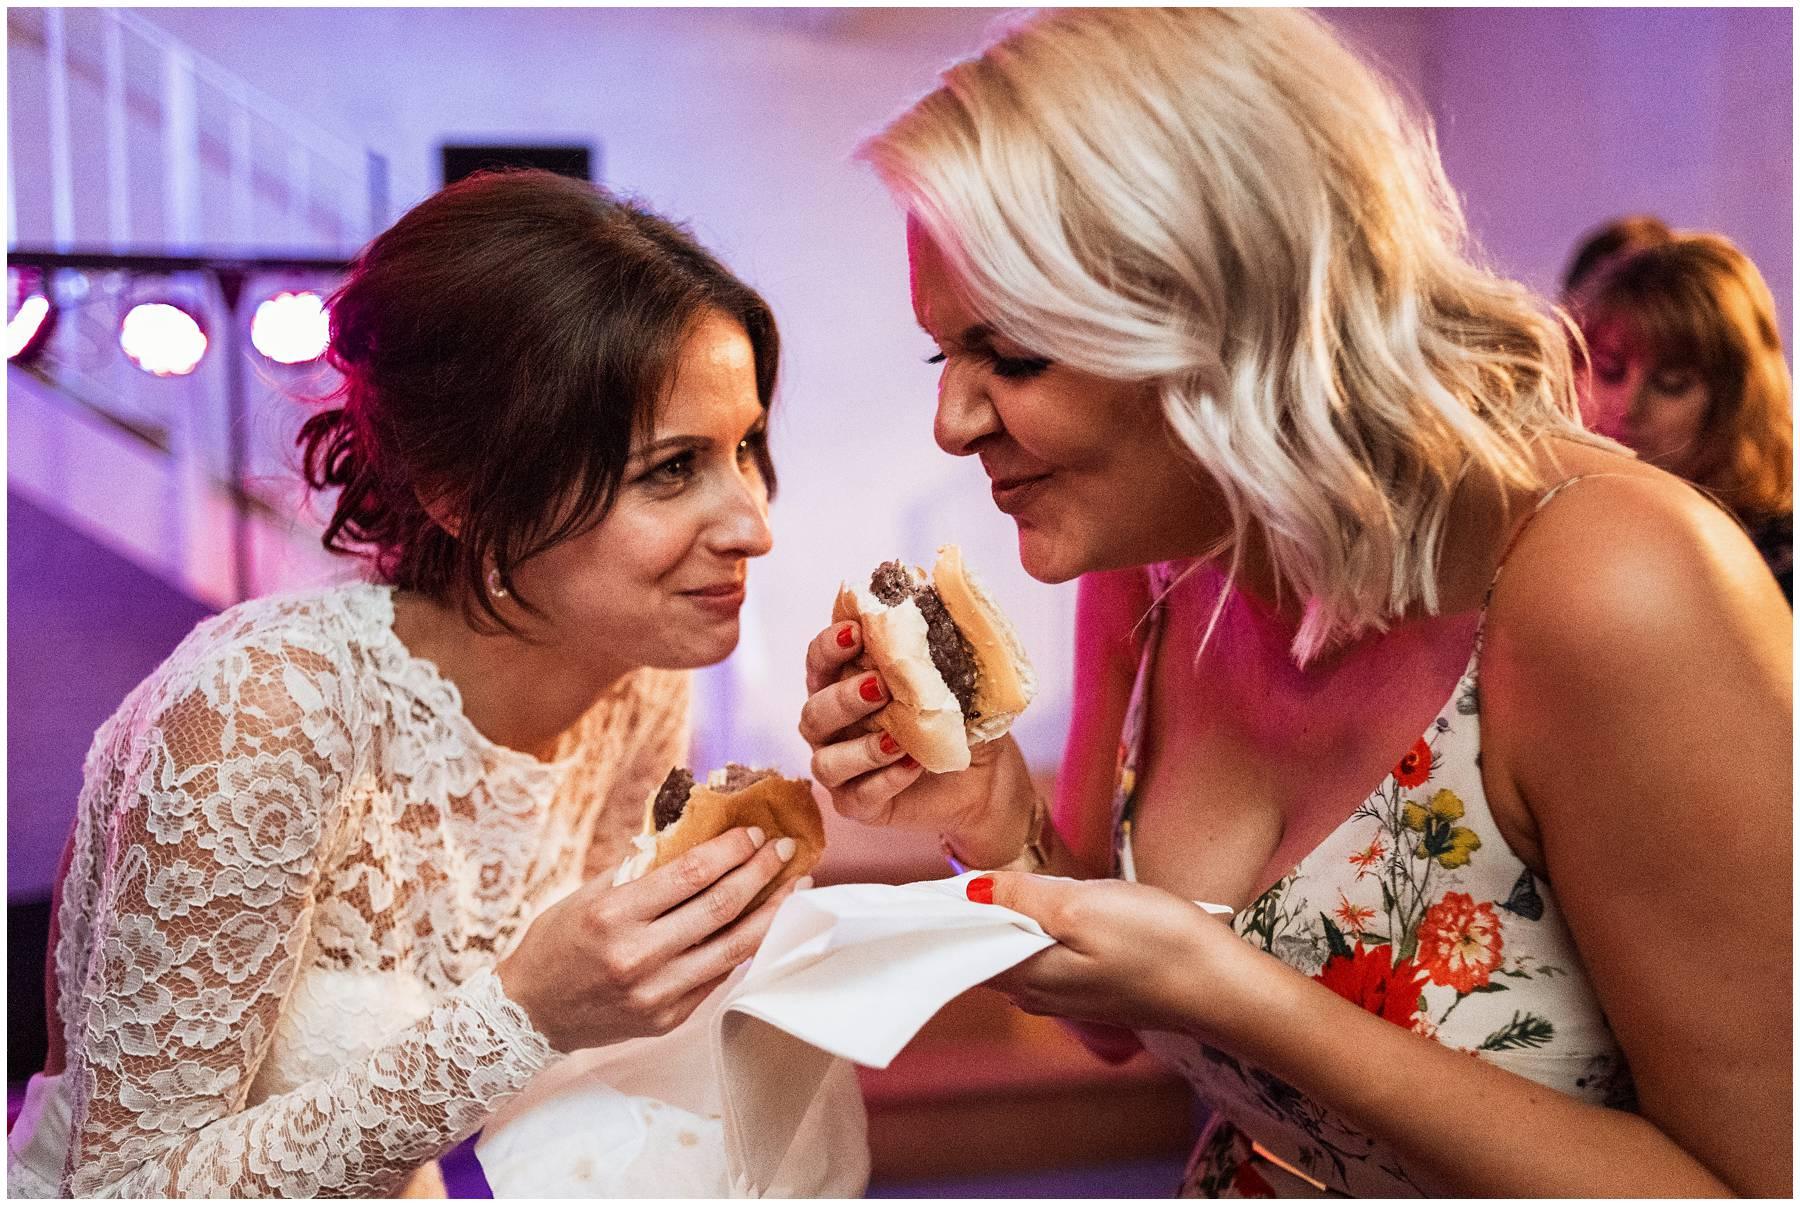 Bride and bridesmaid eating burgers at wedding